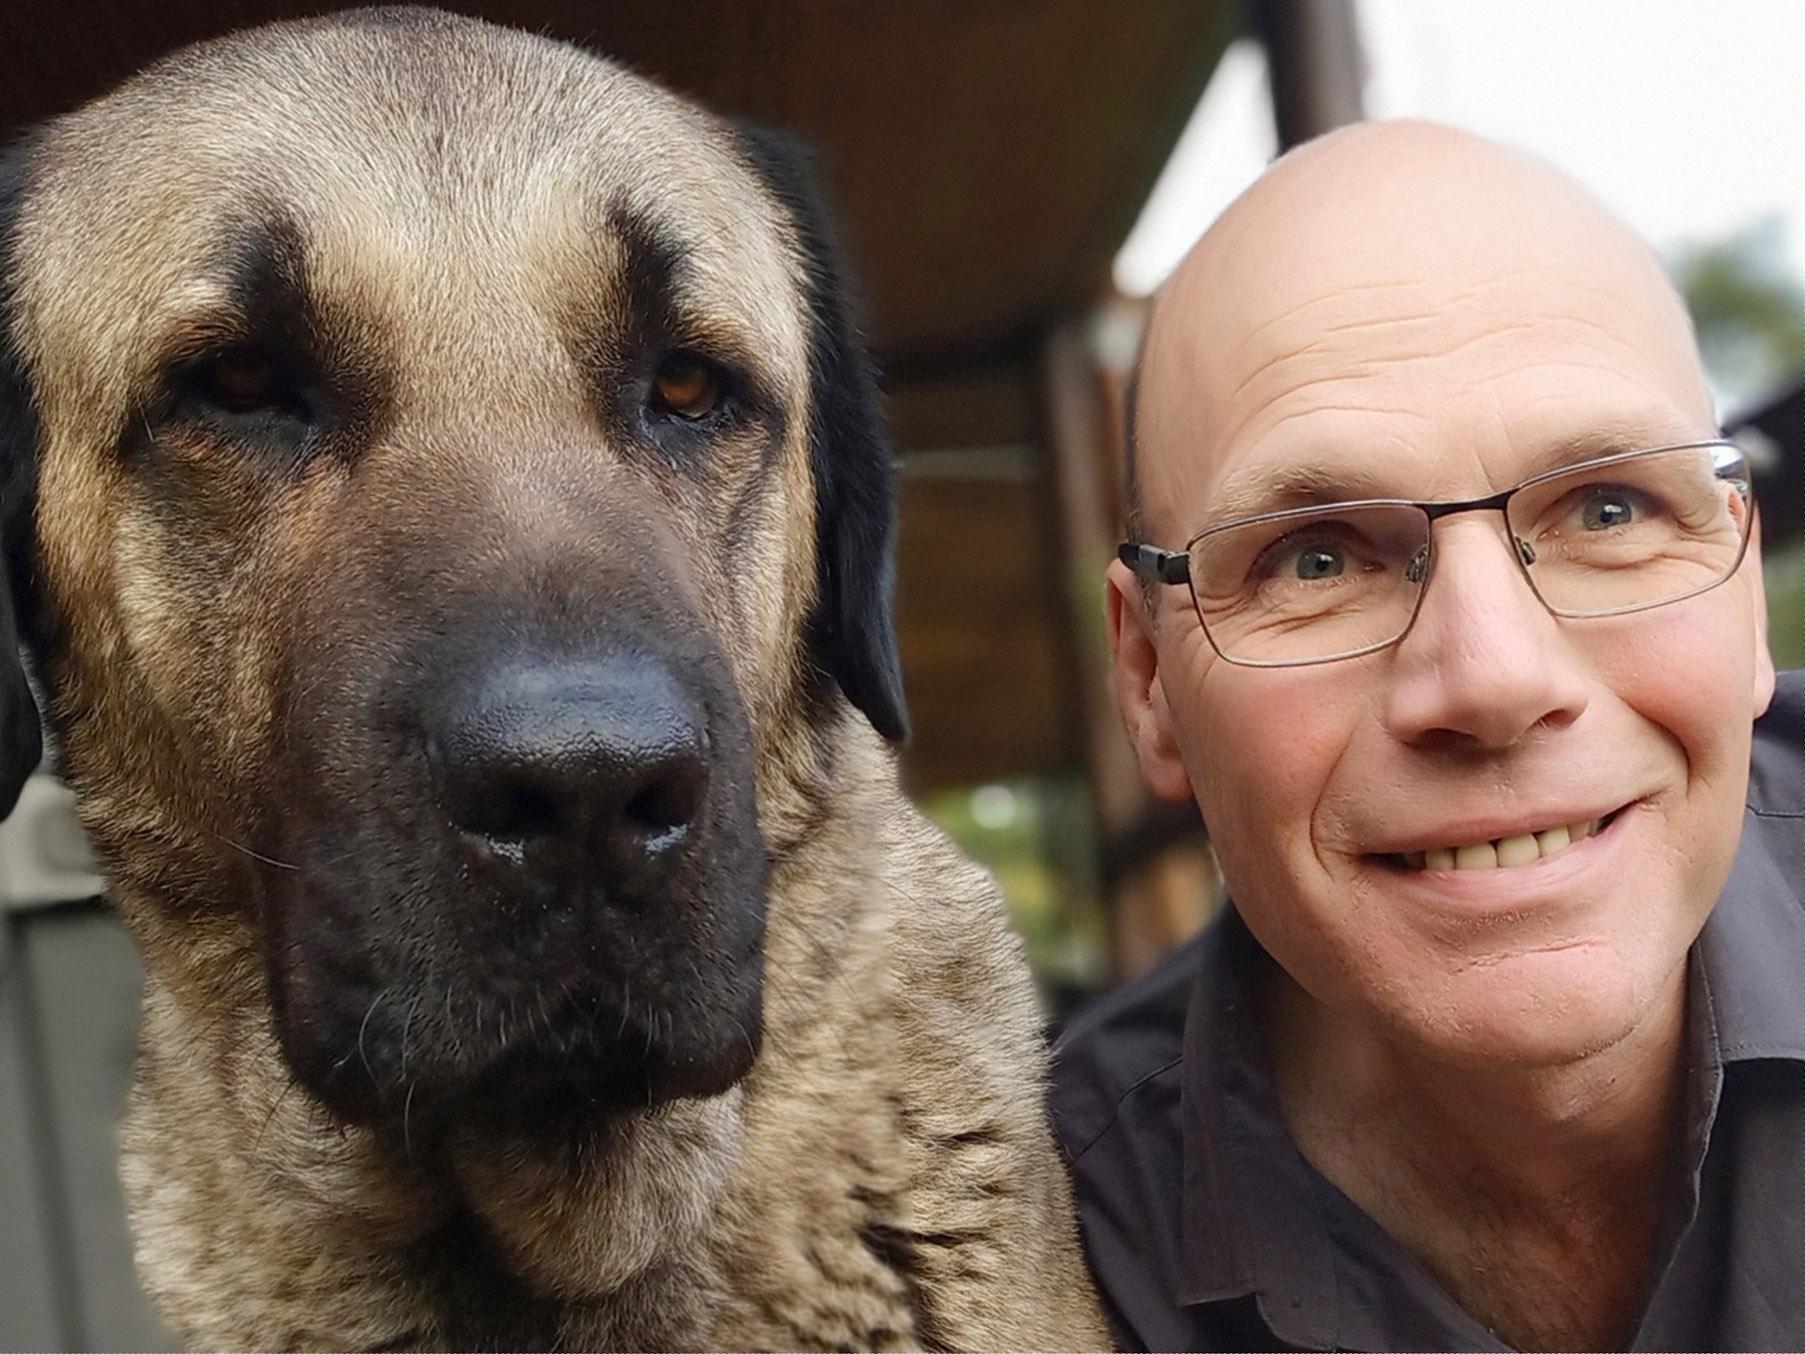 Matt and his dog, Simba.